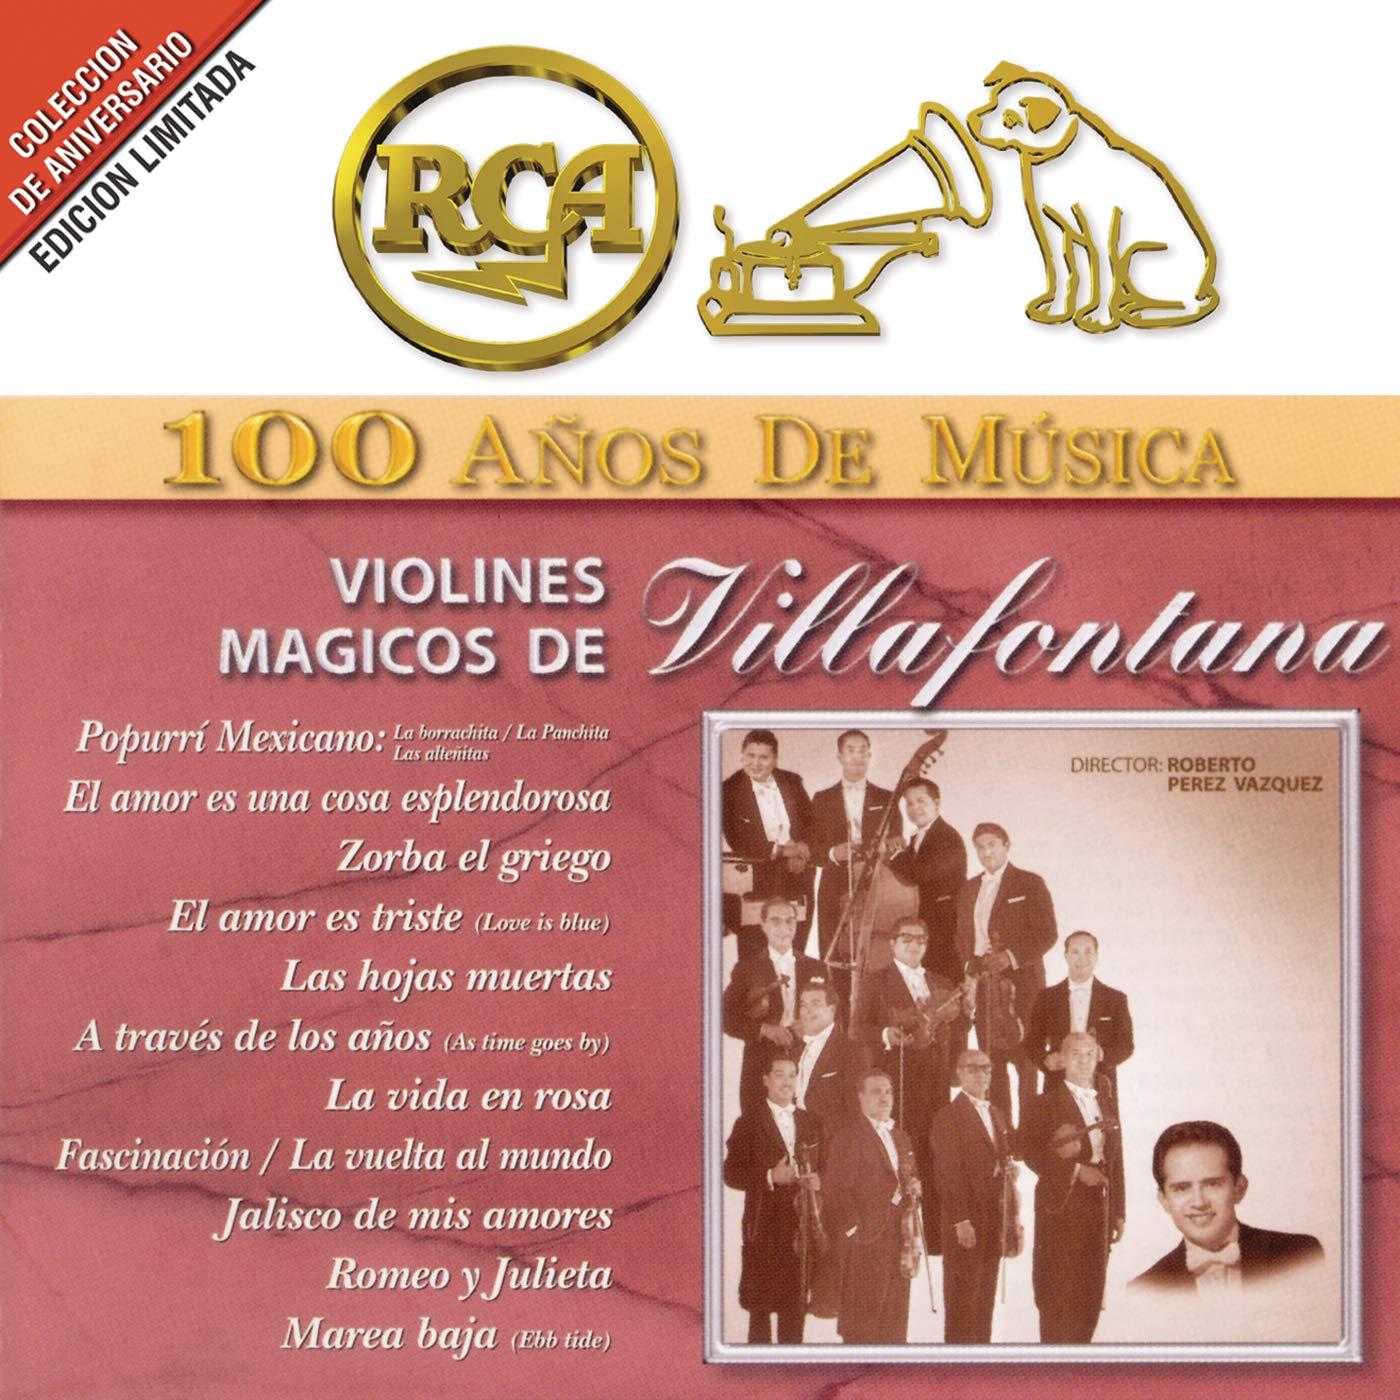 Violines Mágicos De Villafontana – RCA 100 Años De Música (2001) [FLAC]